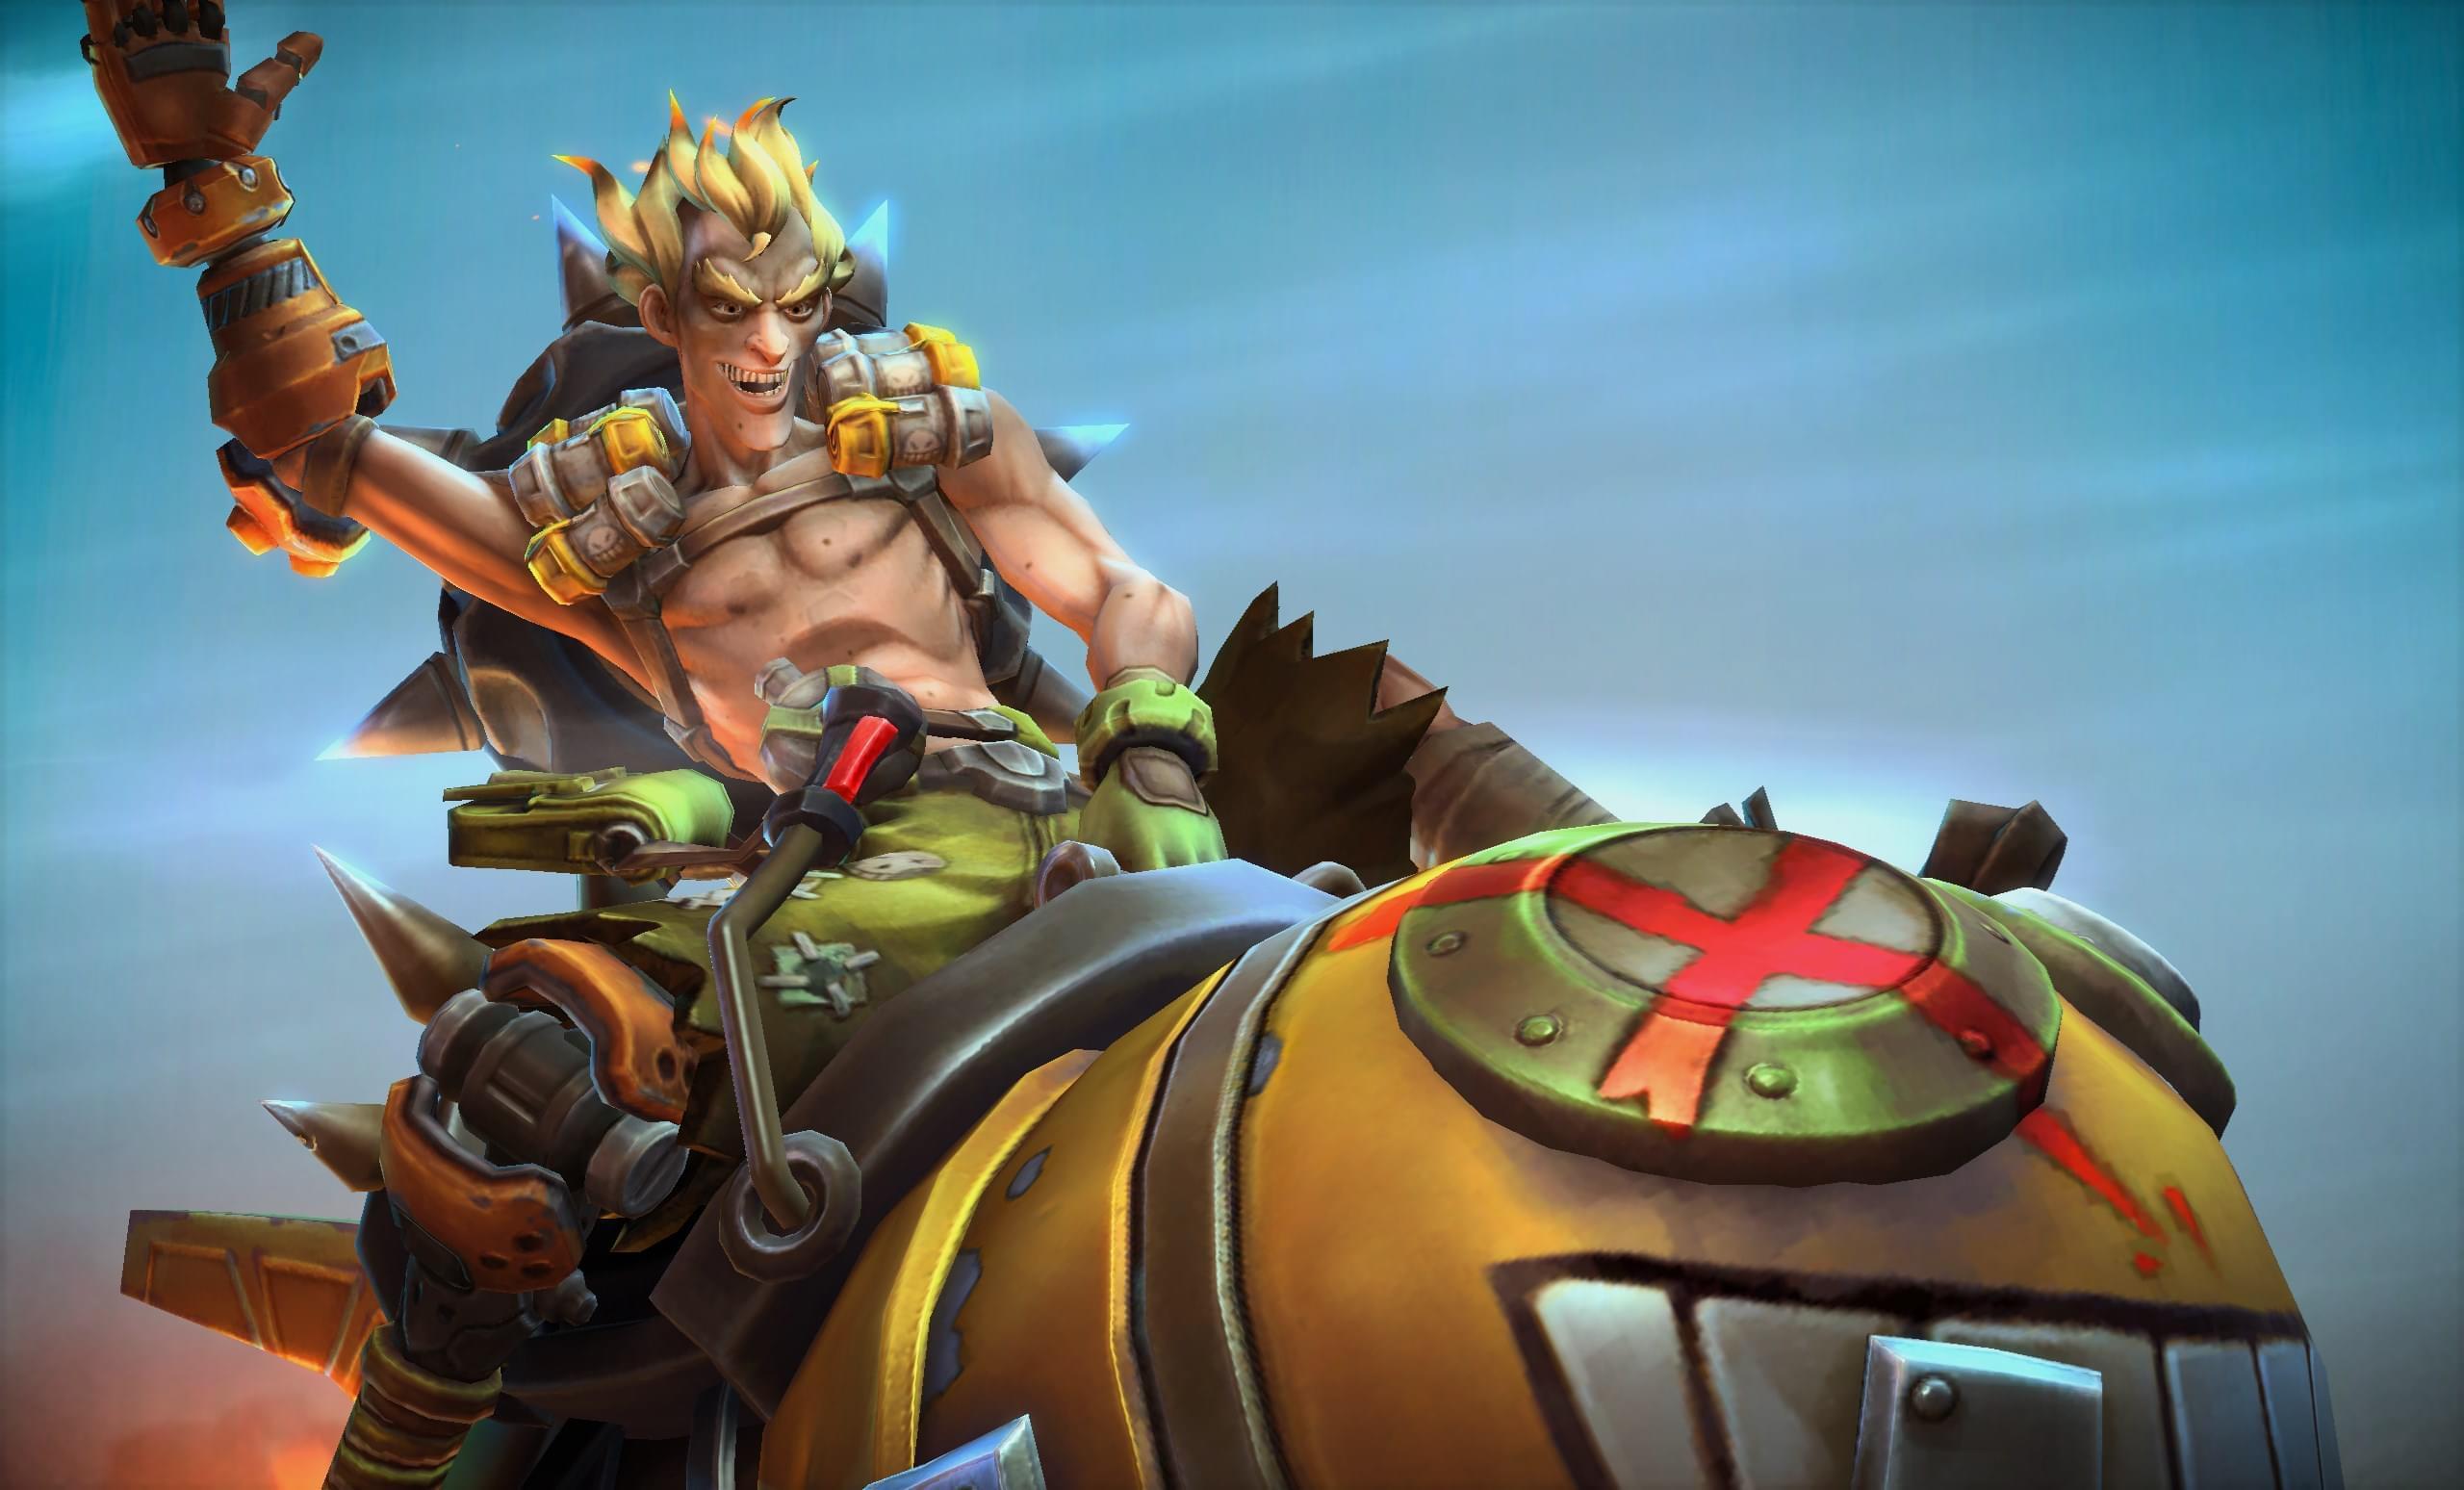 风暴英雄万圣节狂欢开启 新英雄狂鼠正式上线